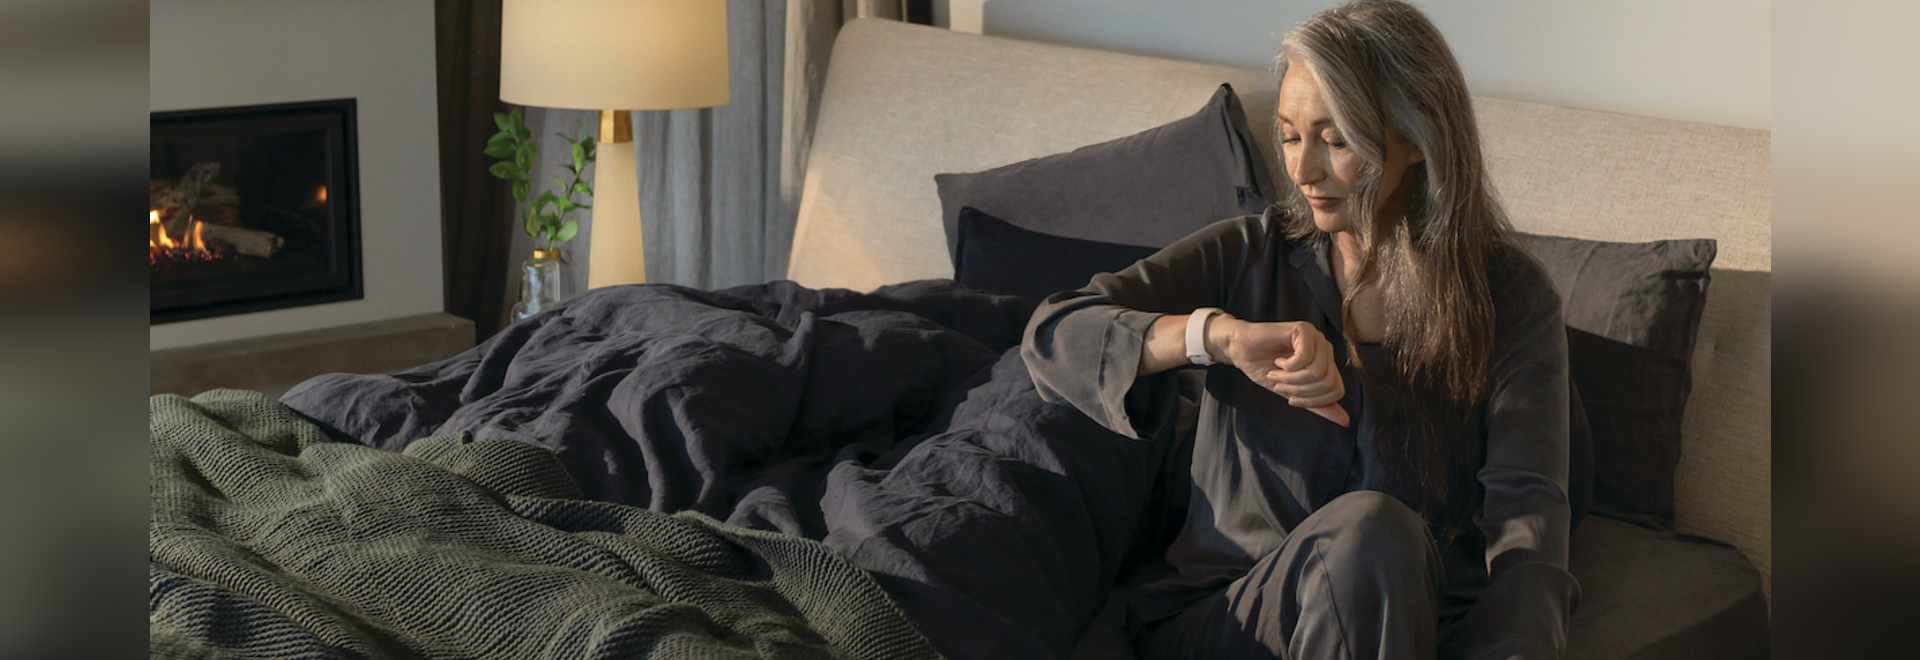 Les données Fitbit suggèrent que les personnes atteintes de COVID-19 ont des effets persistants sur leur santé